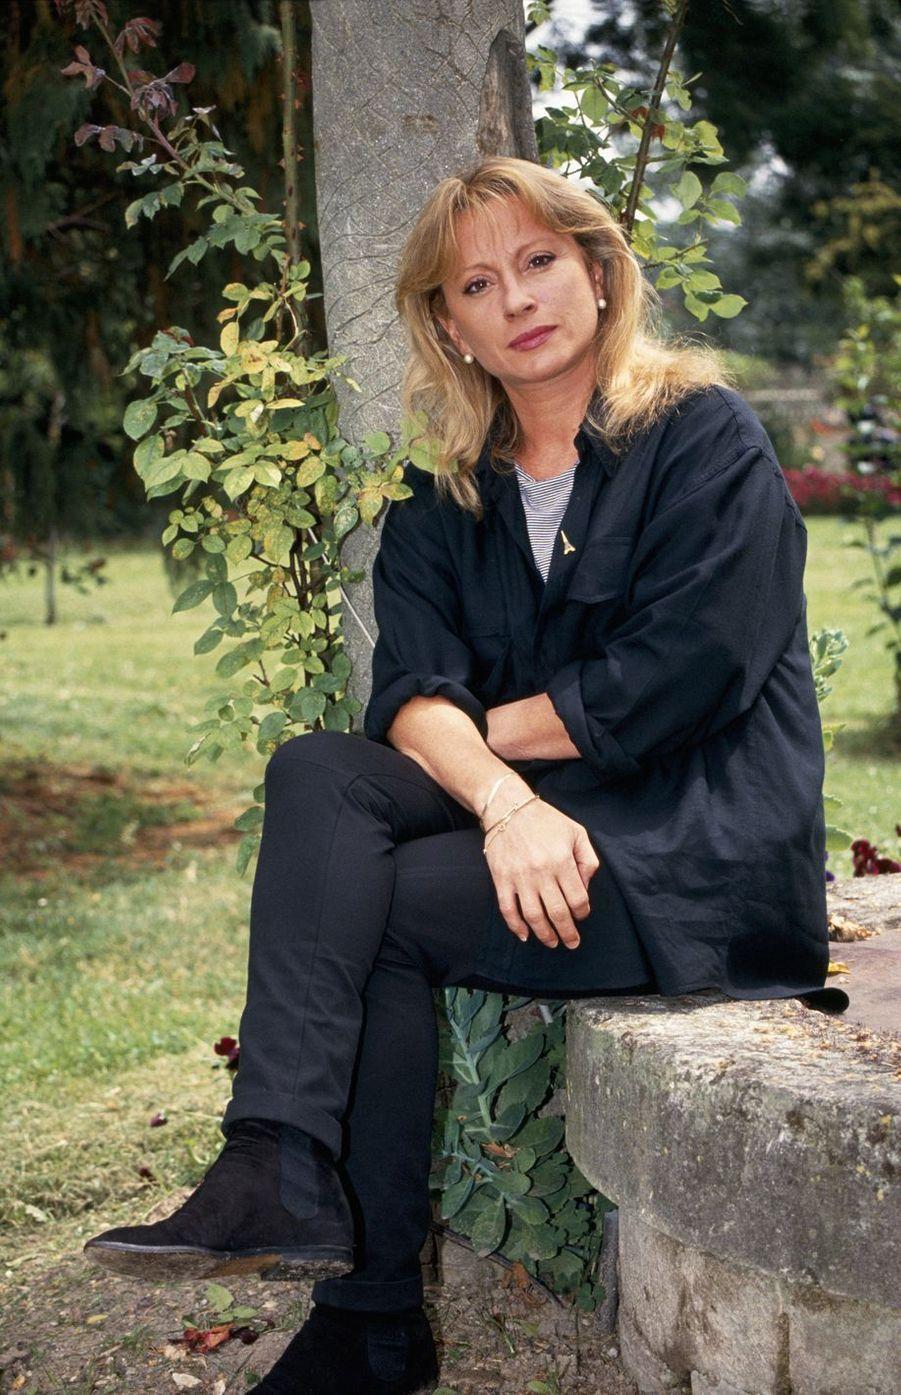 Véronique Sanson, le 19 juin 1992